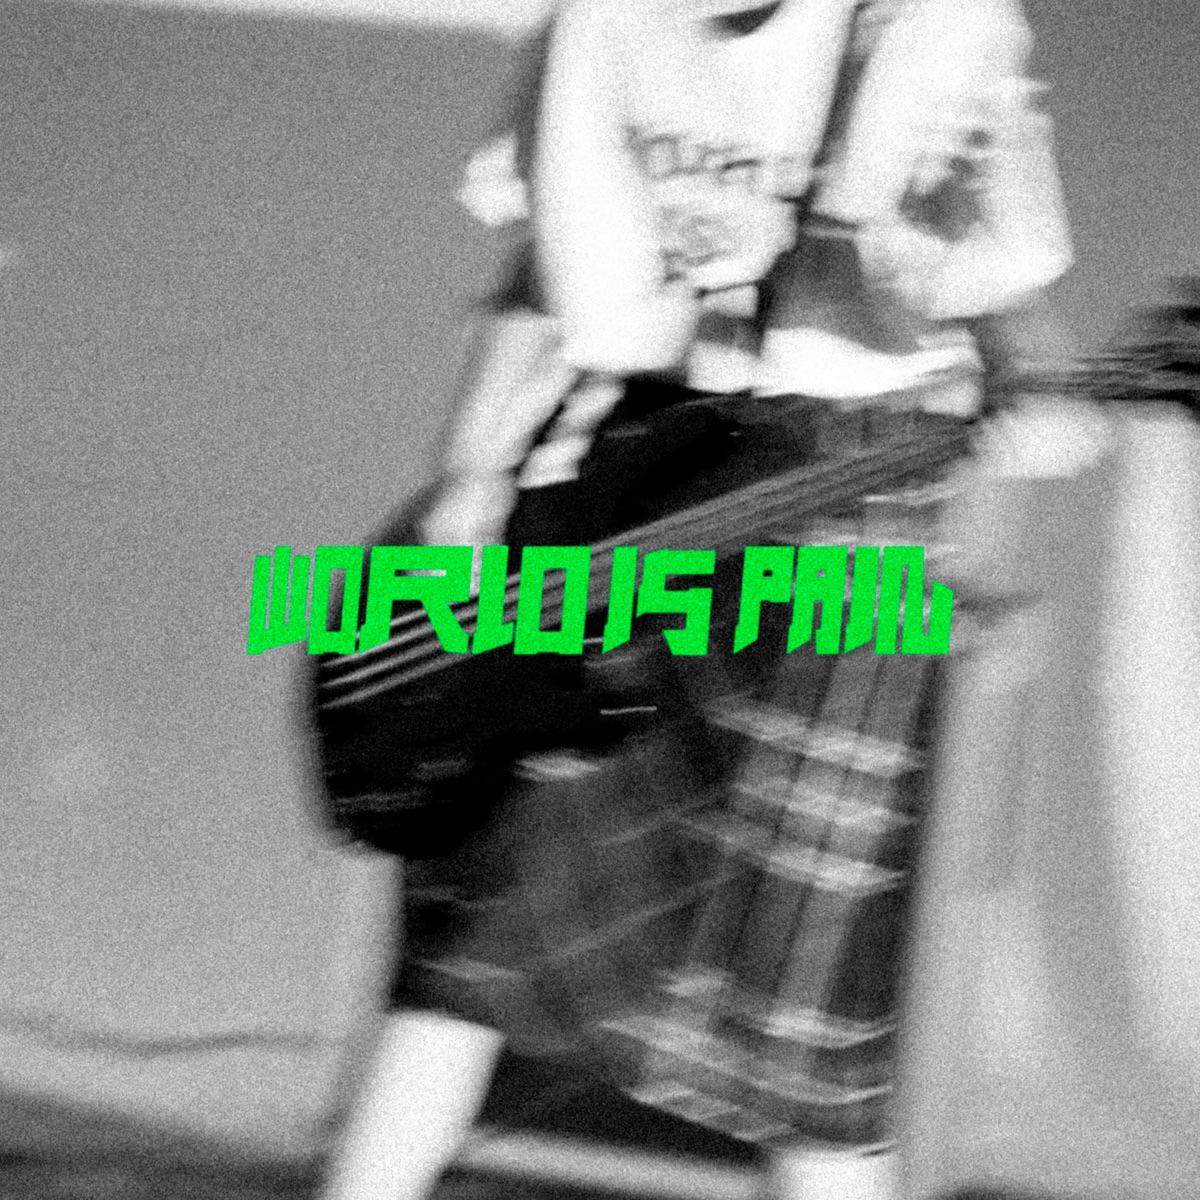 『PEDRO - WORLD IS PAIN 歌詞』収録の『WORLD IS PAIN』ジャケット